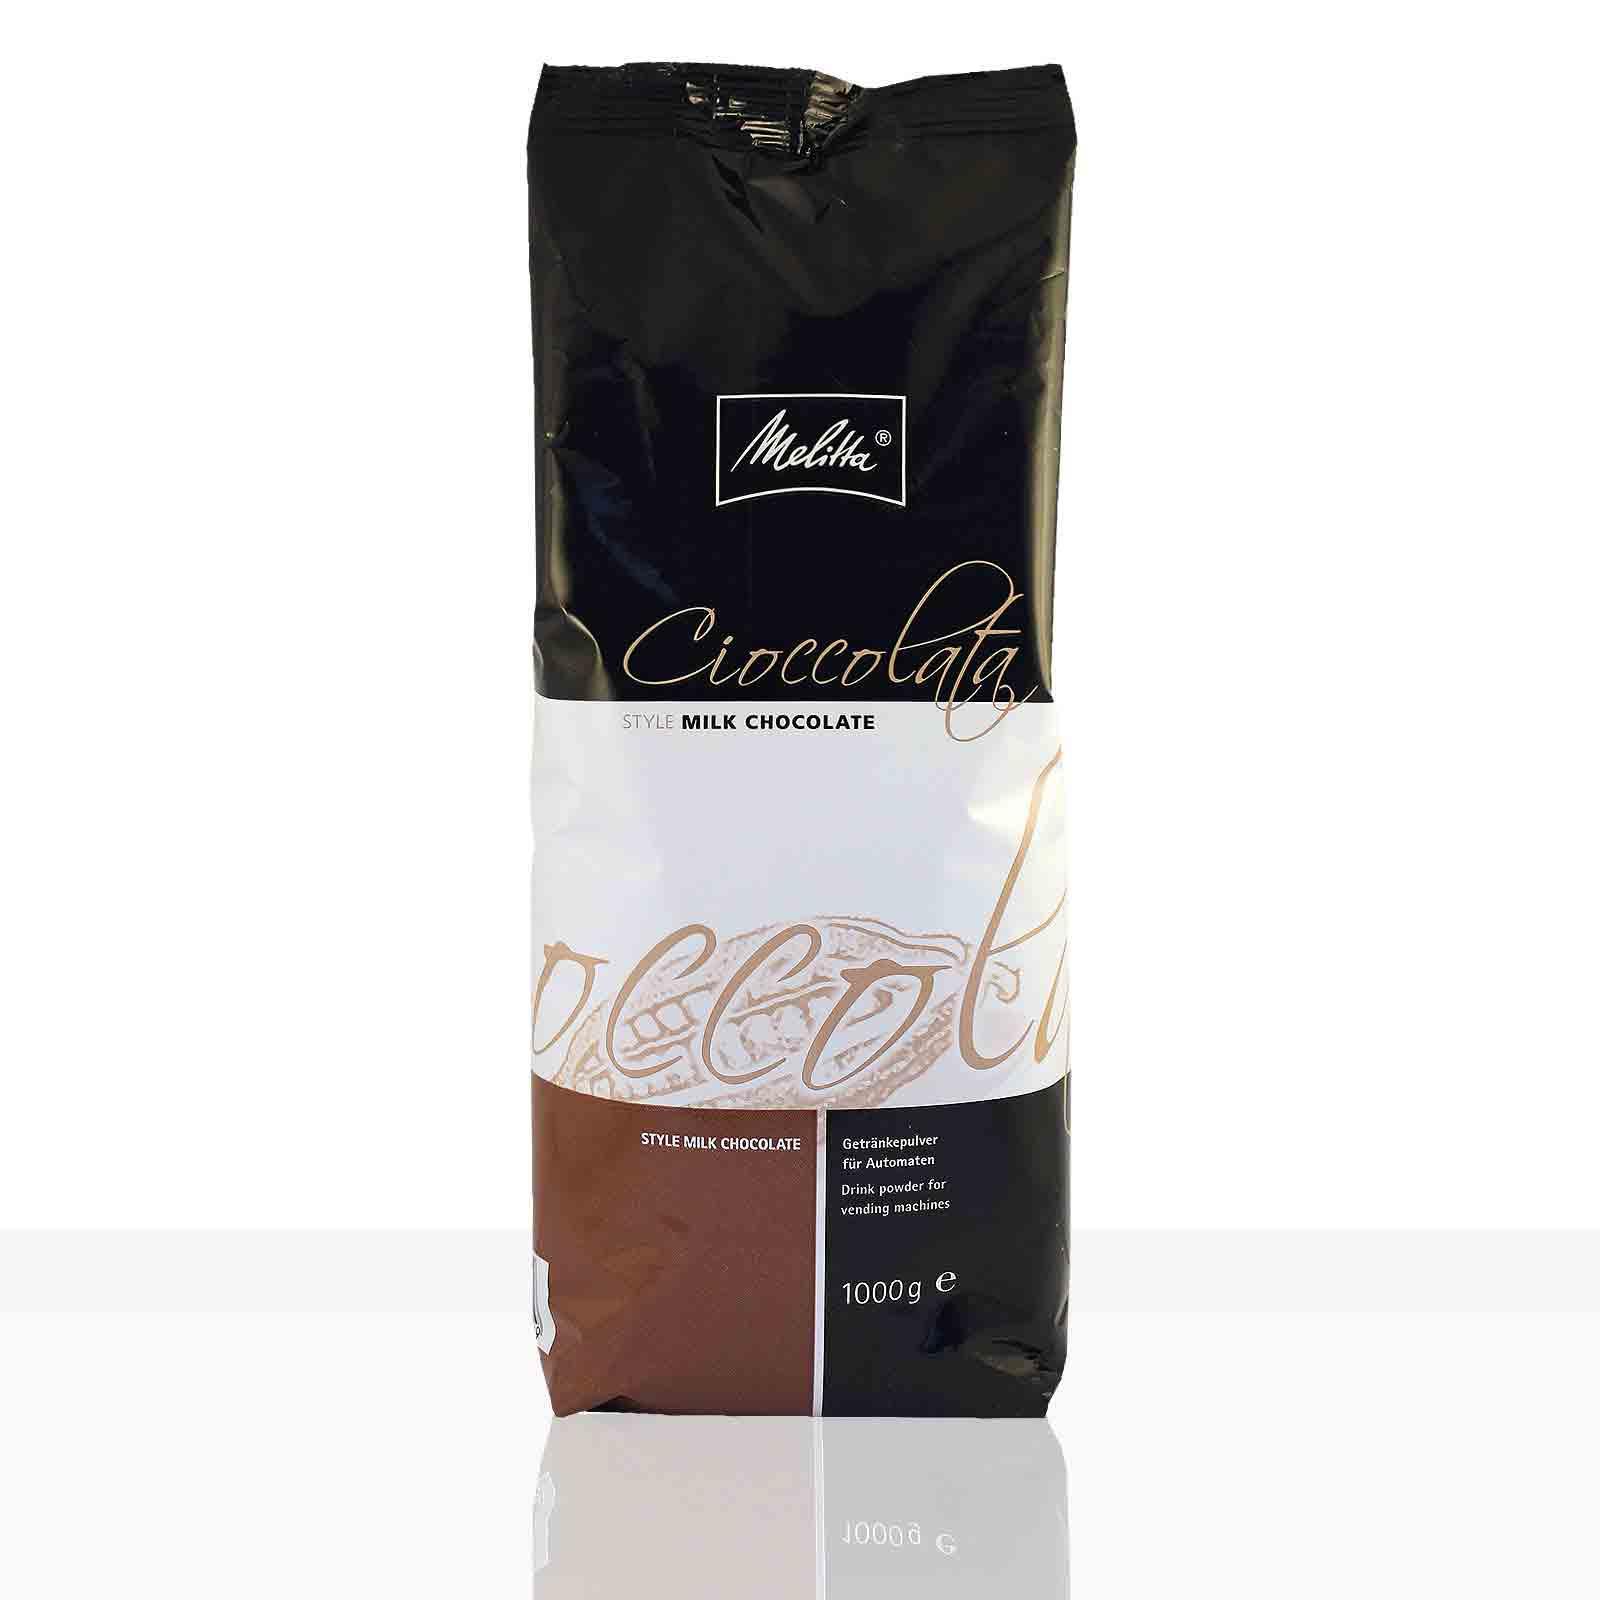 Melitta Cioccolata Style Milk Chocolate Kakao 1kg, Kakaopulver 15%